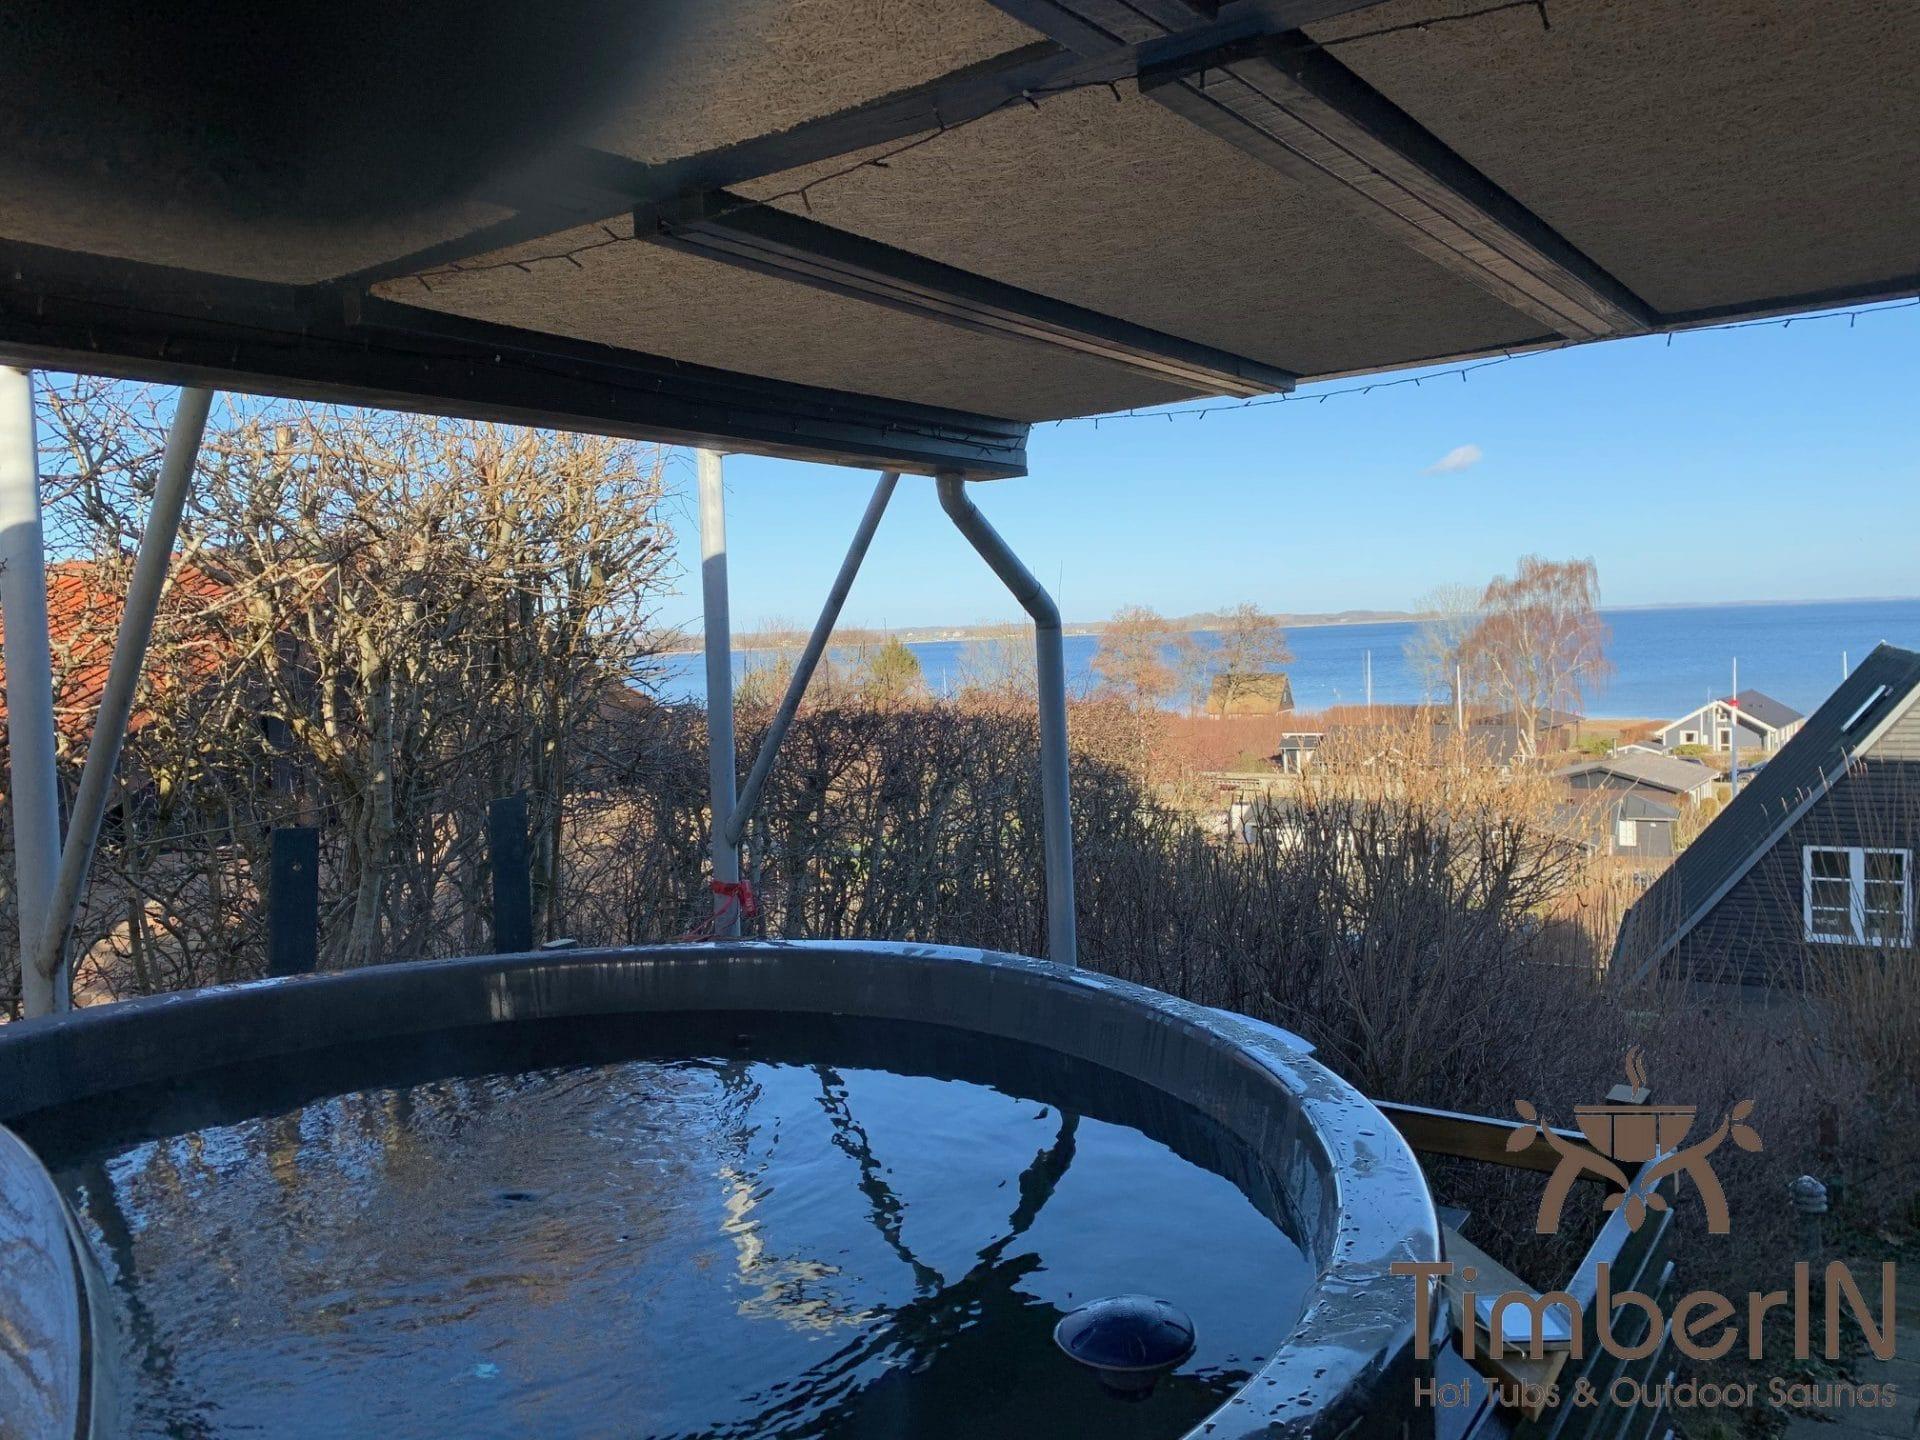 Sunken inground built in hot tub jacuzzi Kim Sjolund Denmark 7